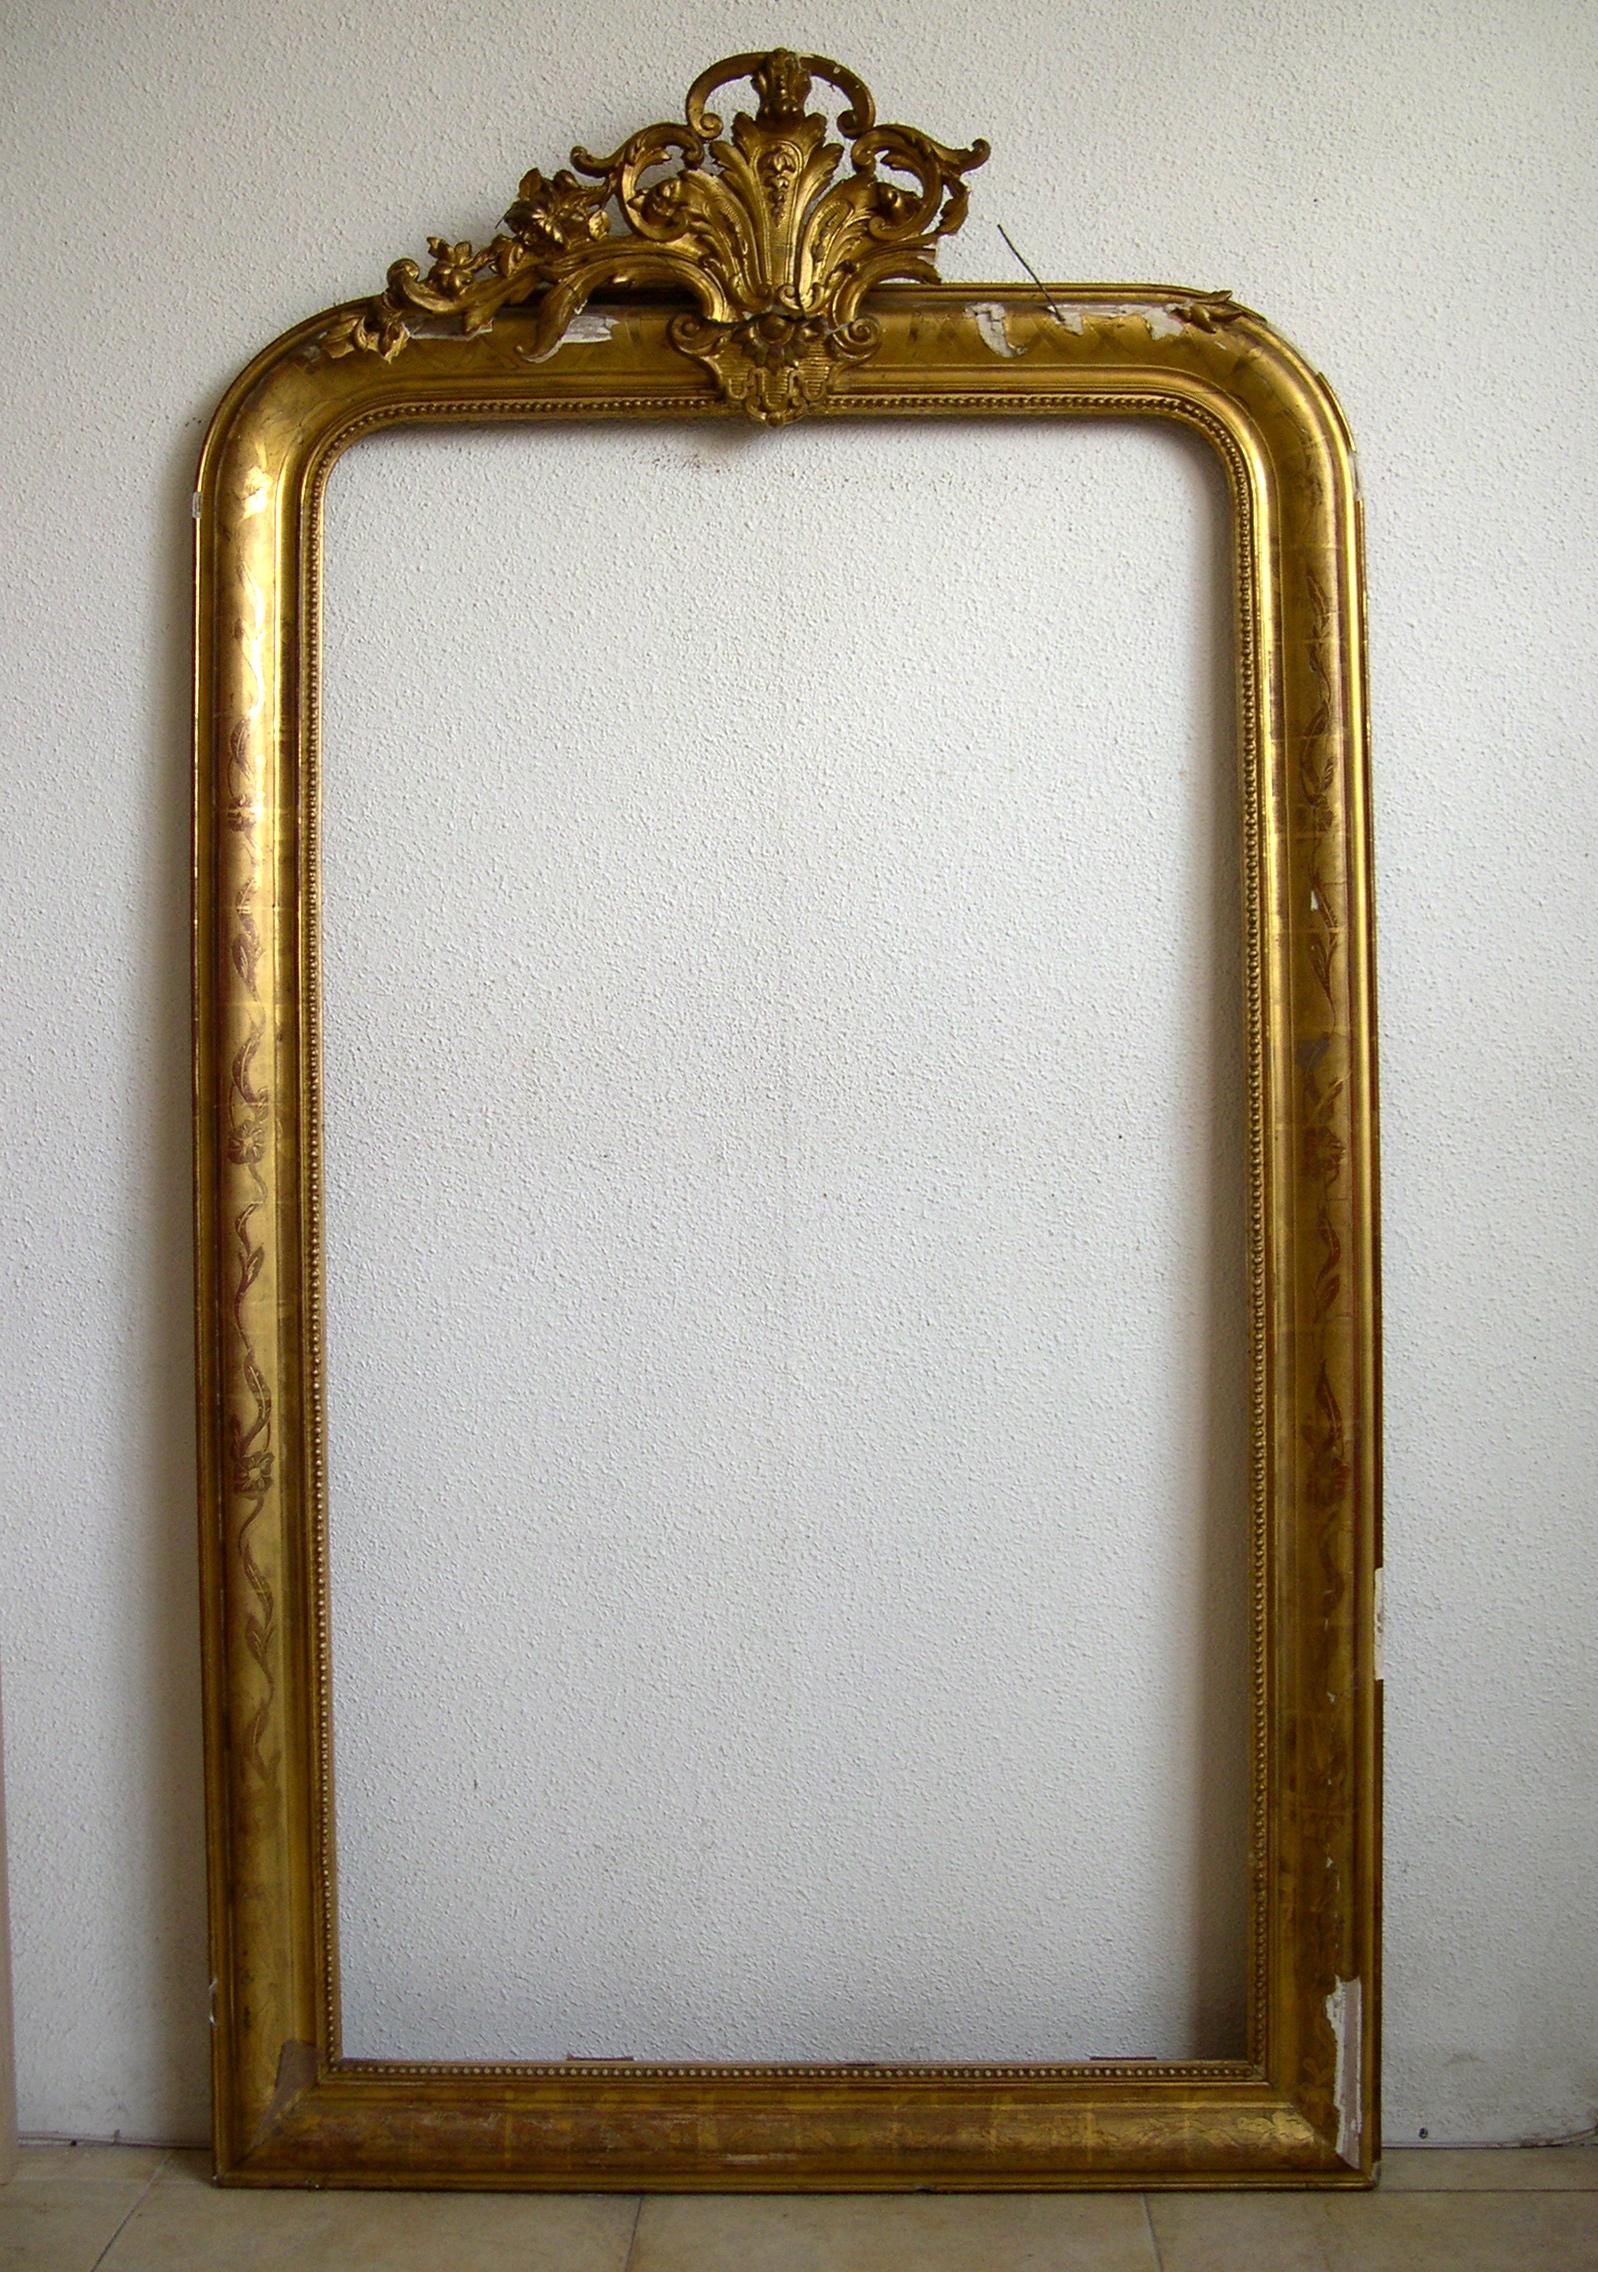 Marco dorado con espejo marco dorado de espejo antes de la for Espejo marco dorado